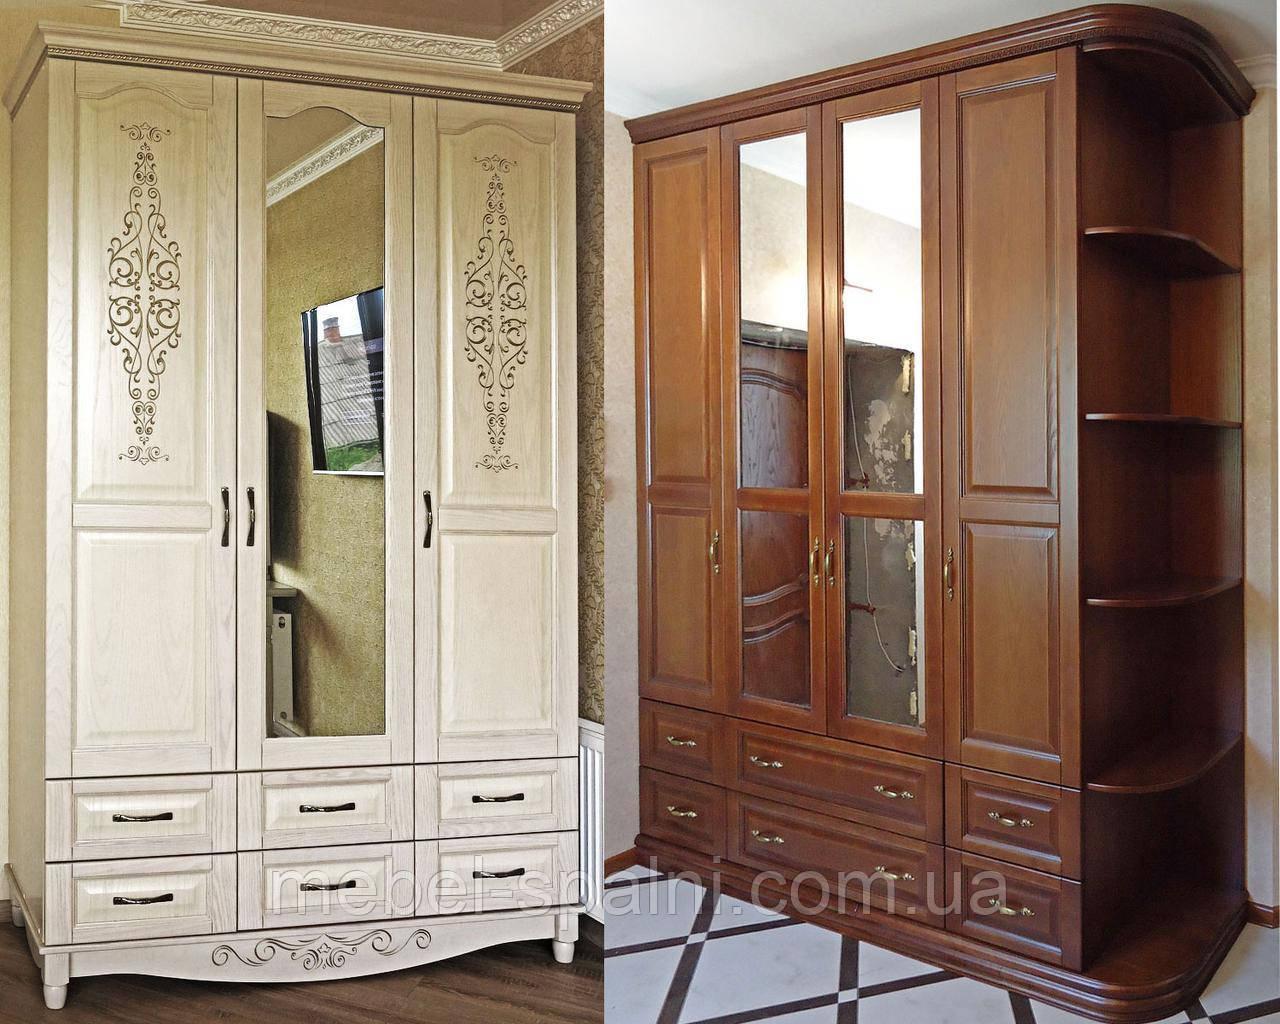 Шкафы витрины в гостиную, фото 1